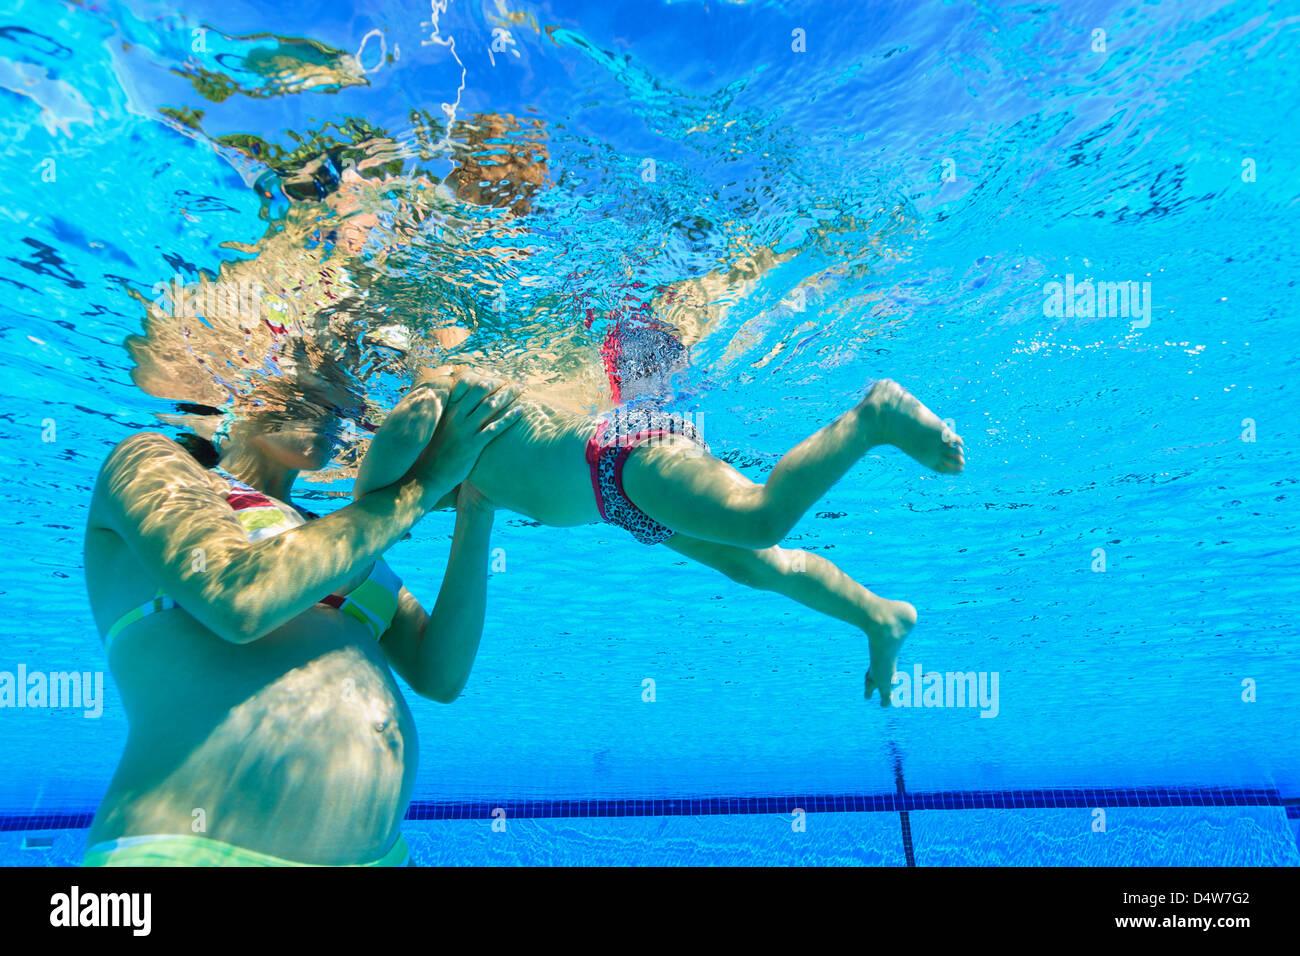 Gravidanza madre con bambino in piscina Immagini Stock